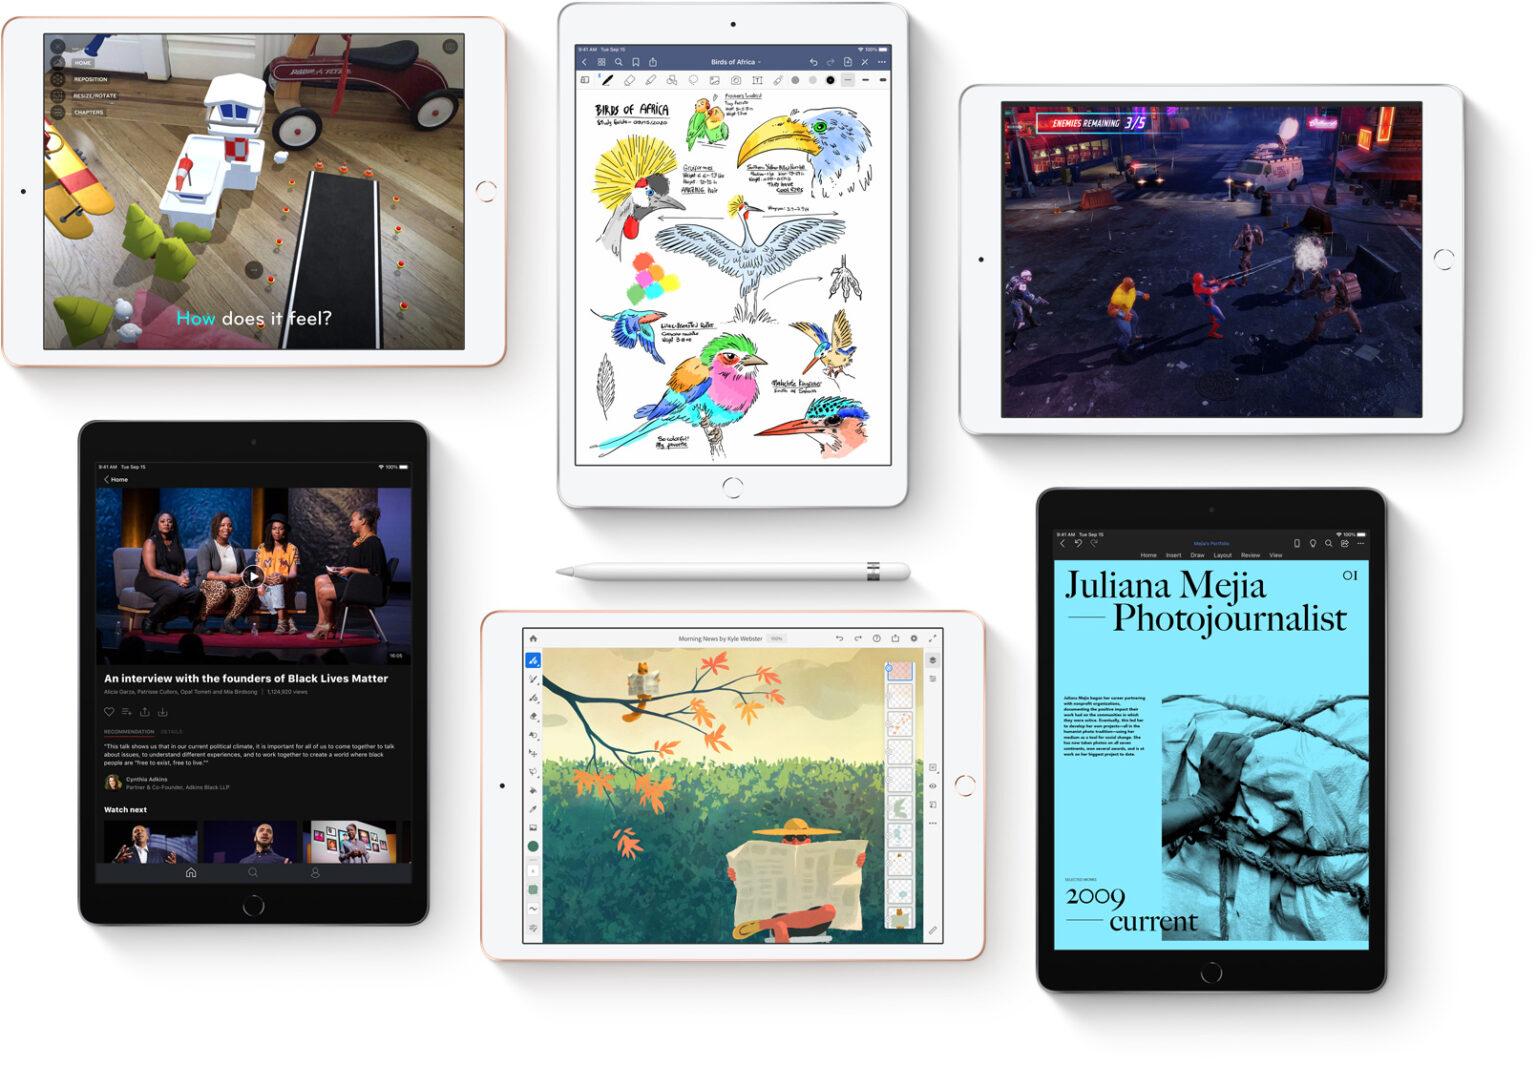 آیپد 8 مدل iPad 8 10.2 inch 2020 WiFi ظرفیت 128 گیگابایت